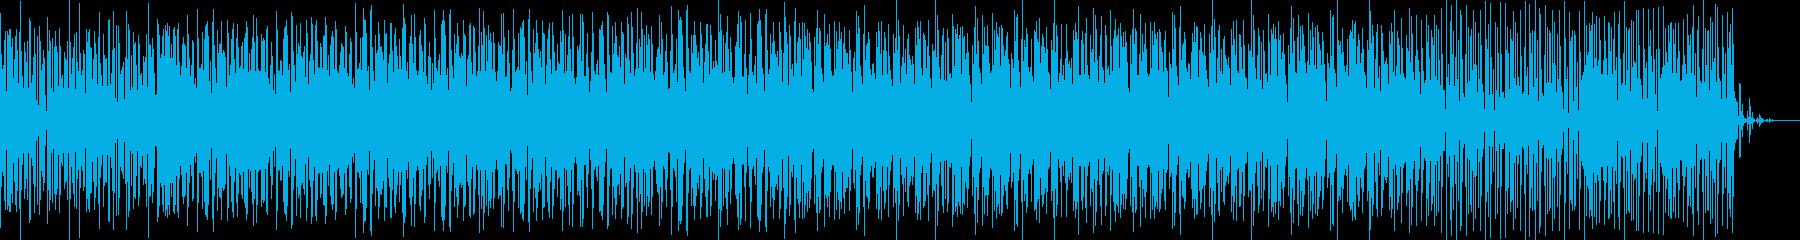 アップテンポのダンスチューンの再生済みの波形